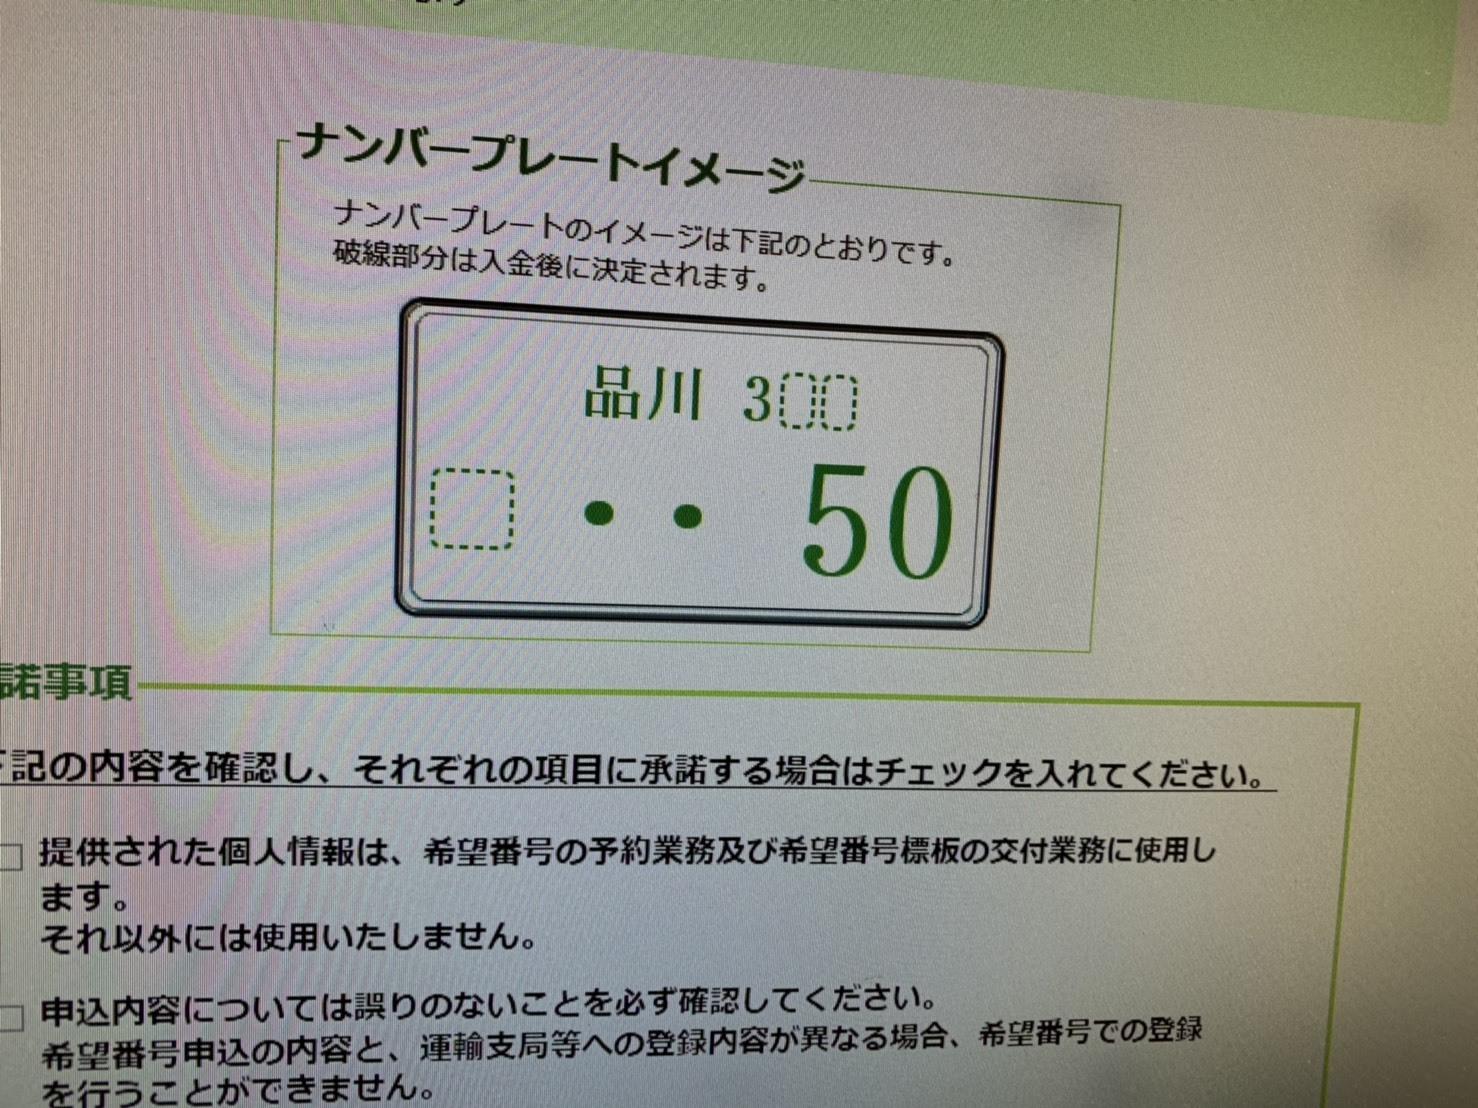 b0127002_20114667.jpg